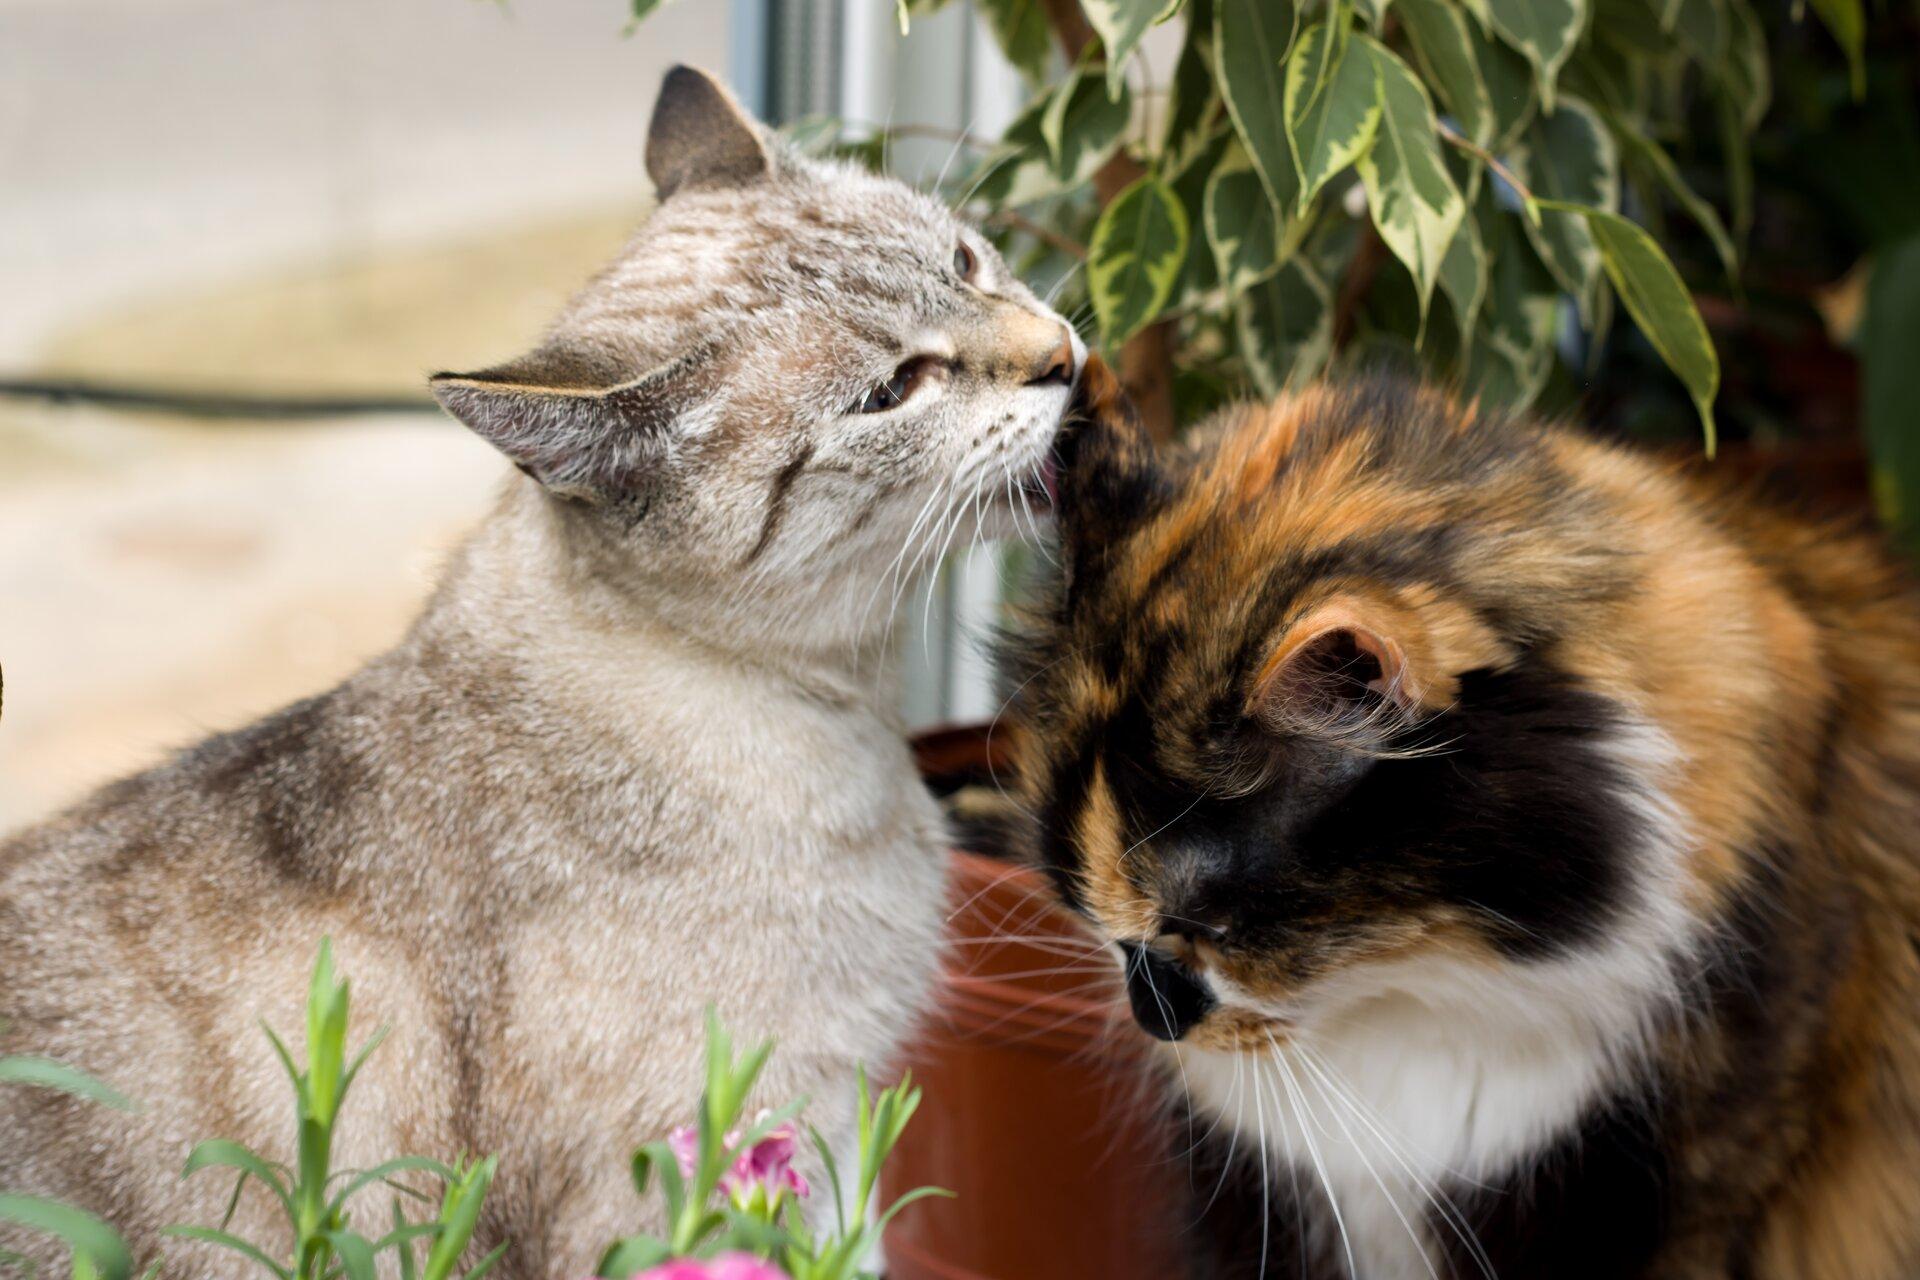 Ilustracja przedstawia dwa koty. Kot po lewej stronie jest szarej maści, apo prawej brązowo-biało-czarny. Przymilają się do siebie.